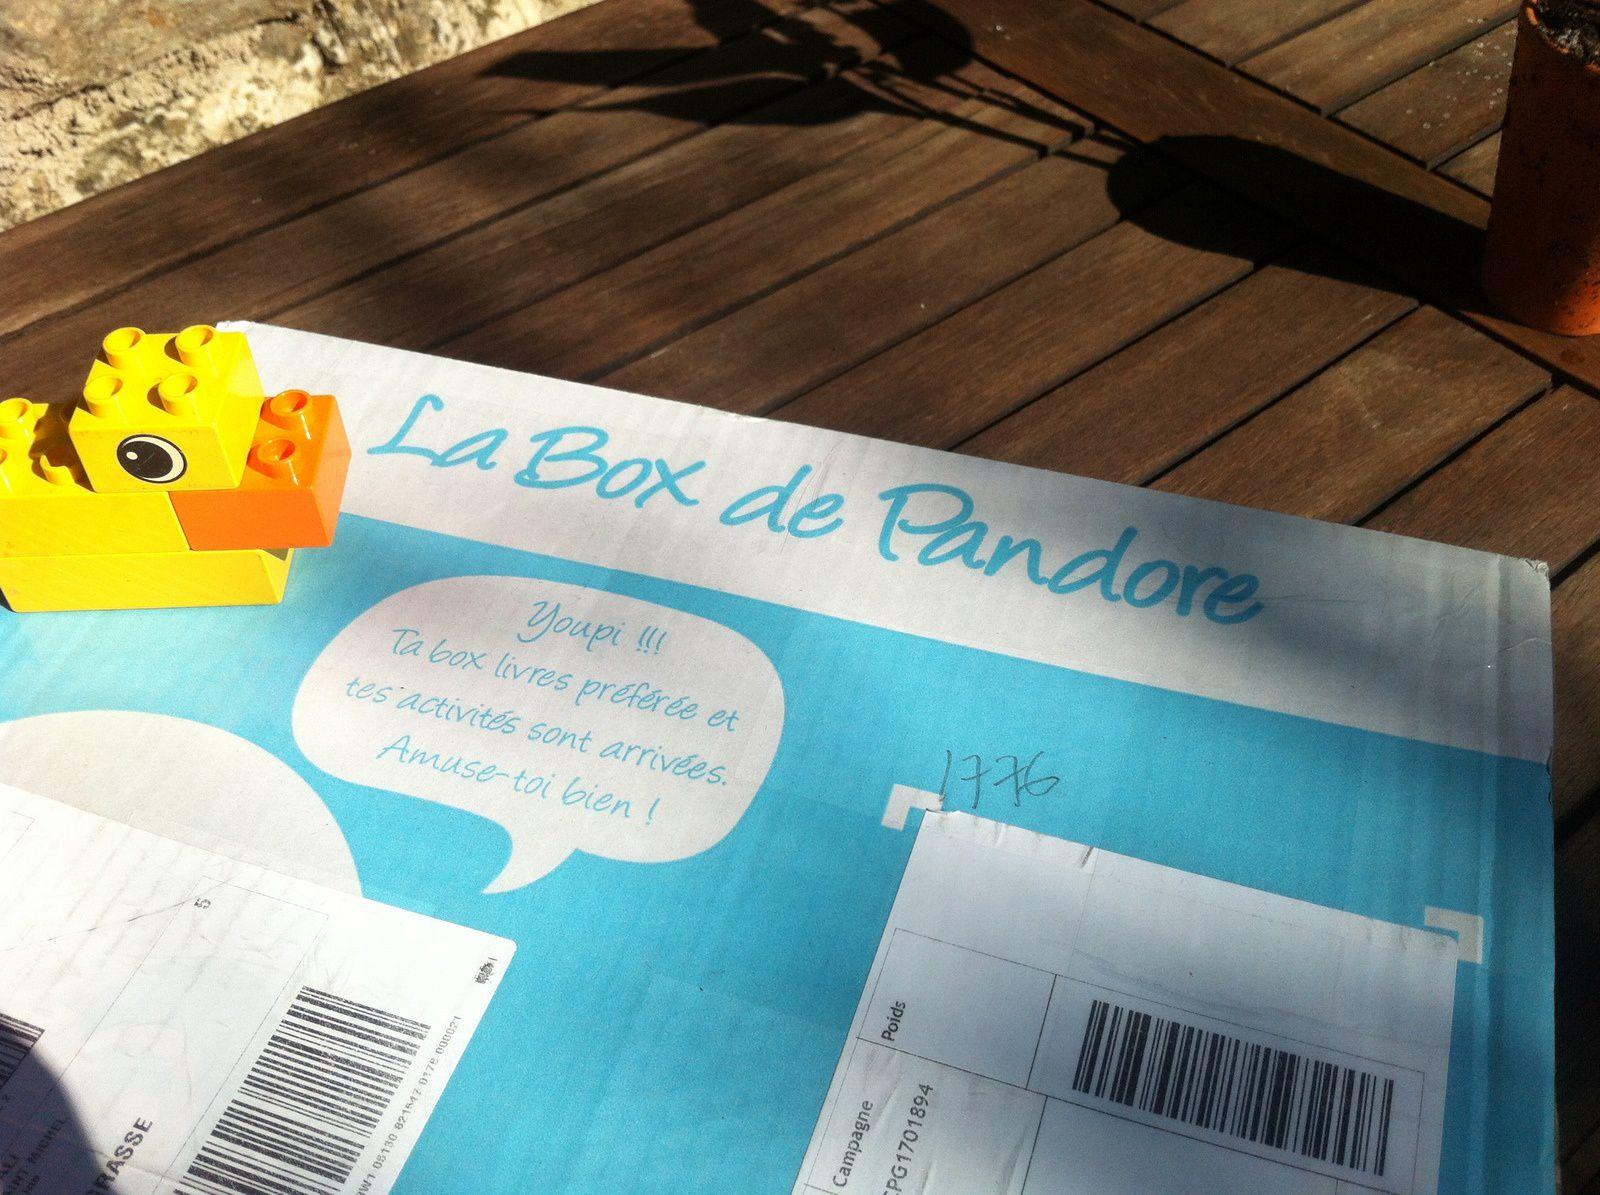 Chut les enfants lisent #111 - La box de Pandore avril 2017